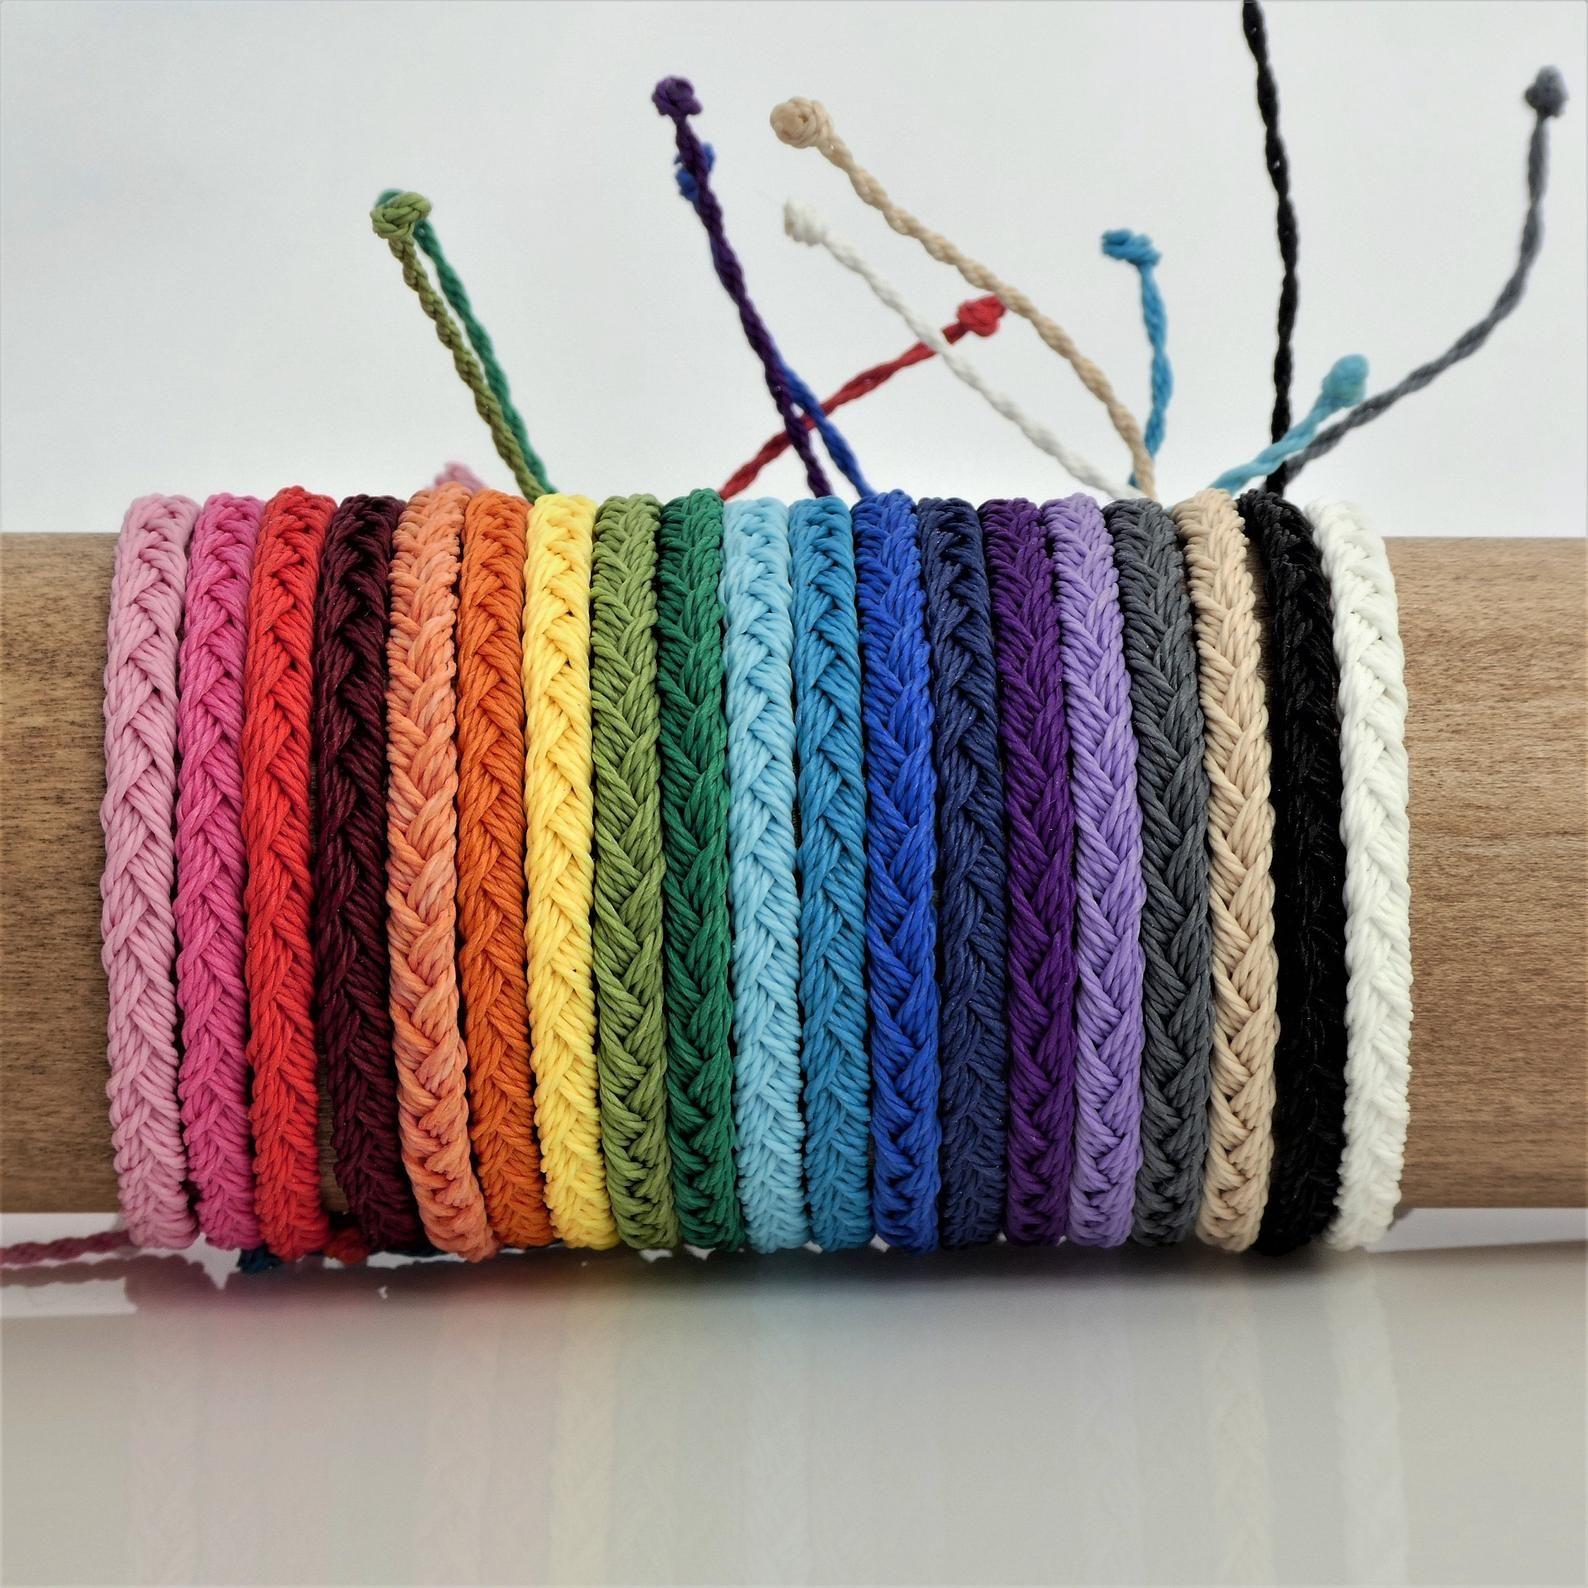 Pulsera de hilo encerado Handmade bracelet Waxed cord bracelet Handmade bracelet.